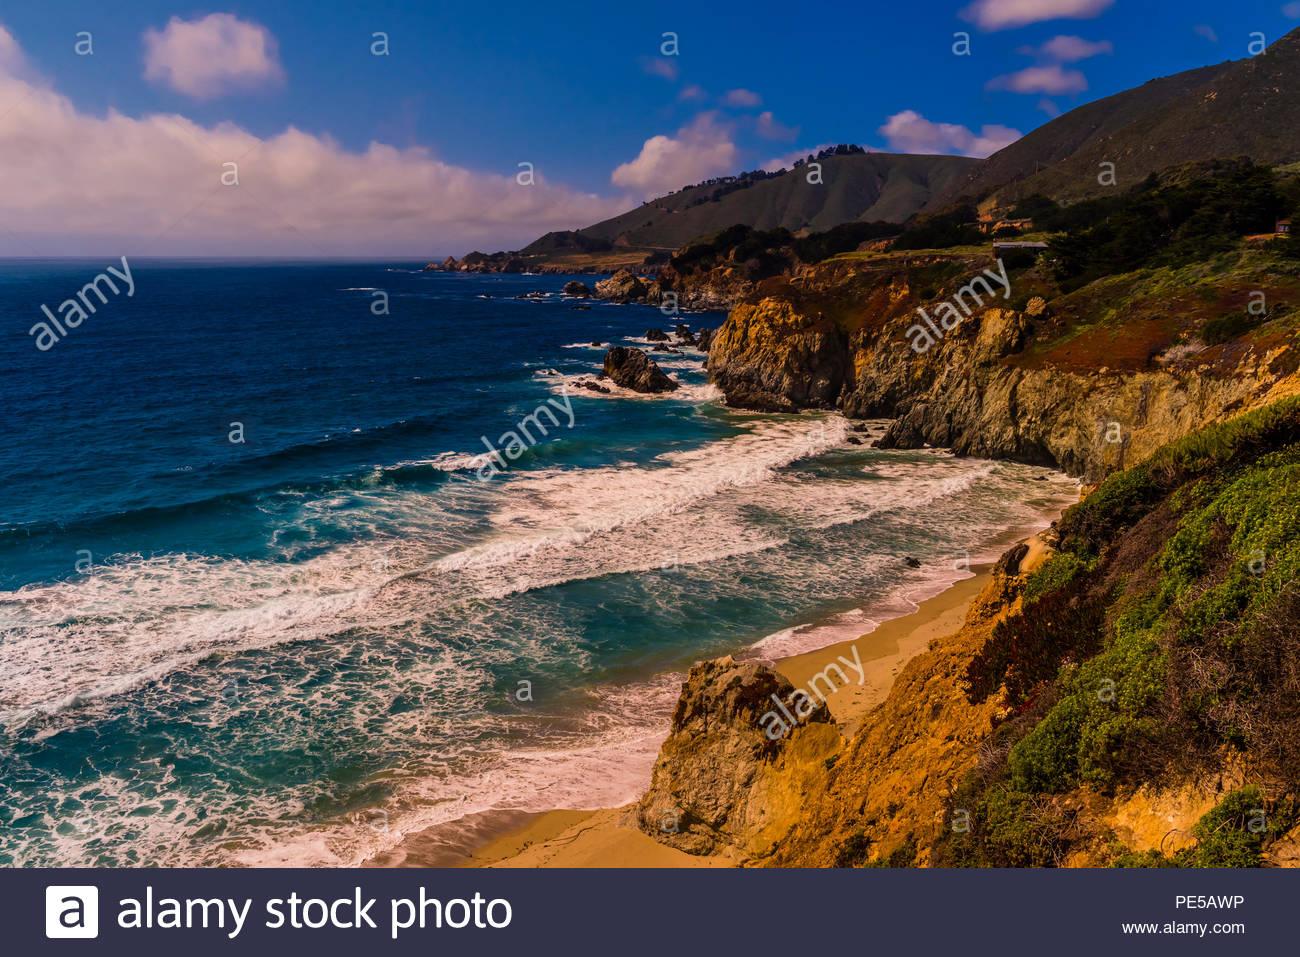 Côte de Big Sur entre Carmel Highlands et Big Sur, Monterey County, Californie, États-Unis. Banque D'Images